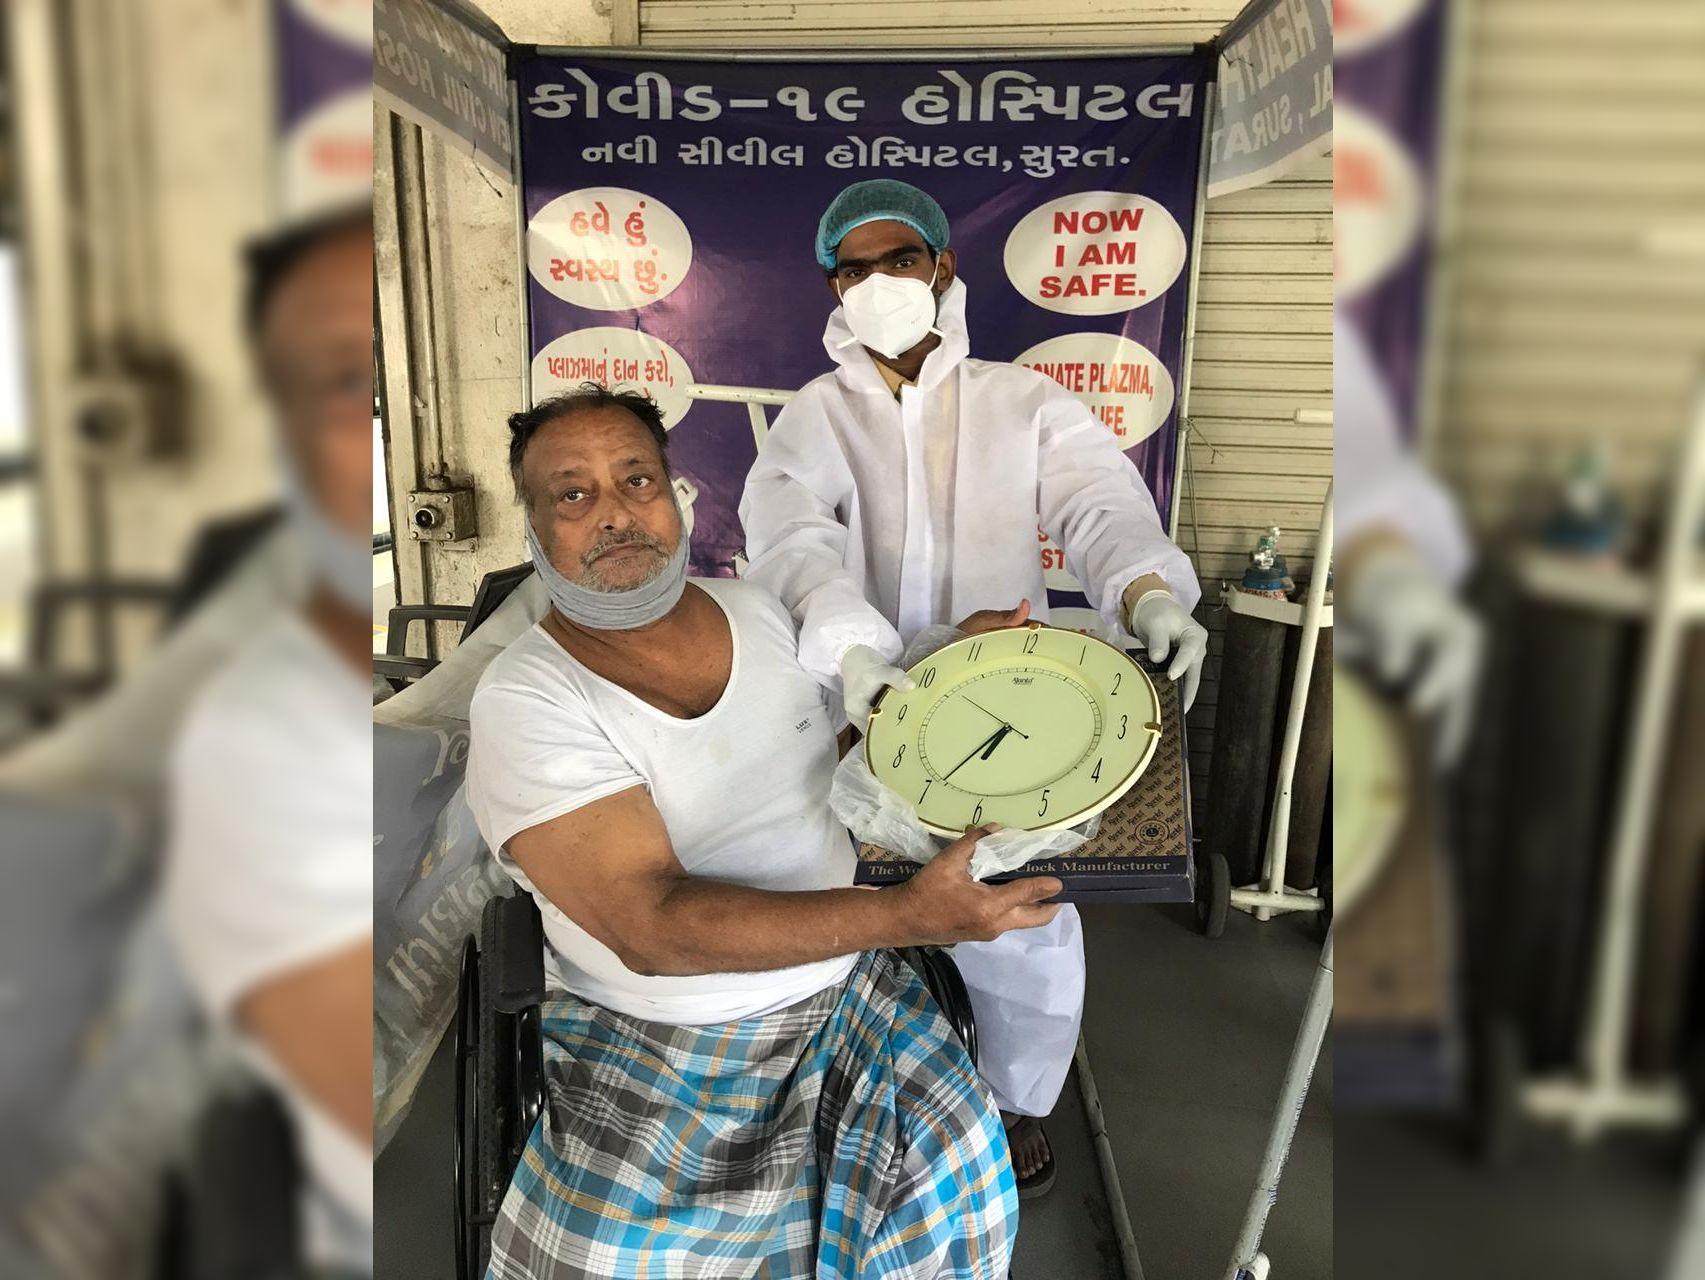 કોરોના દર્દી સાજા થતાં સિવિલને ઘડિયાળ આપી કેમકે તેમણે સૌથી ખરાબ સમય જોયો સુરત,Surat - Divya Bhaskar